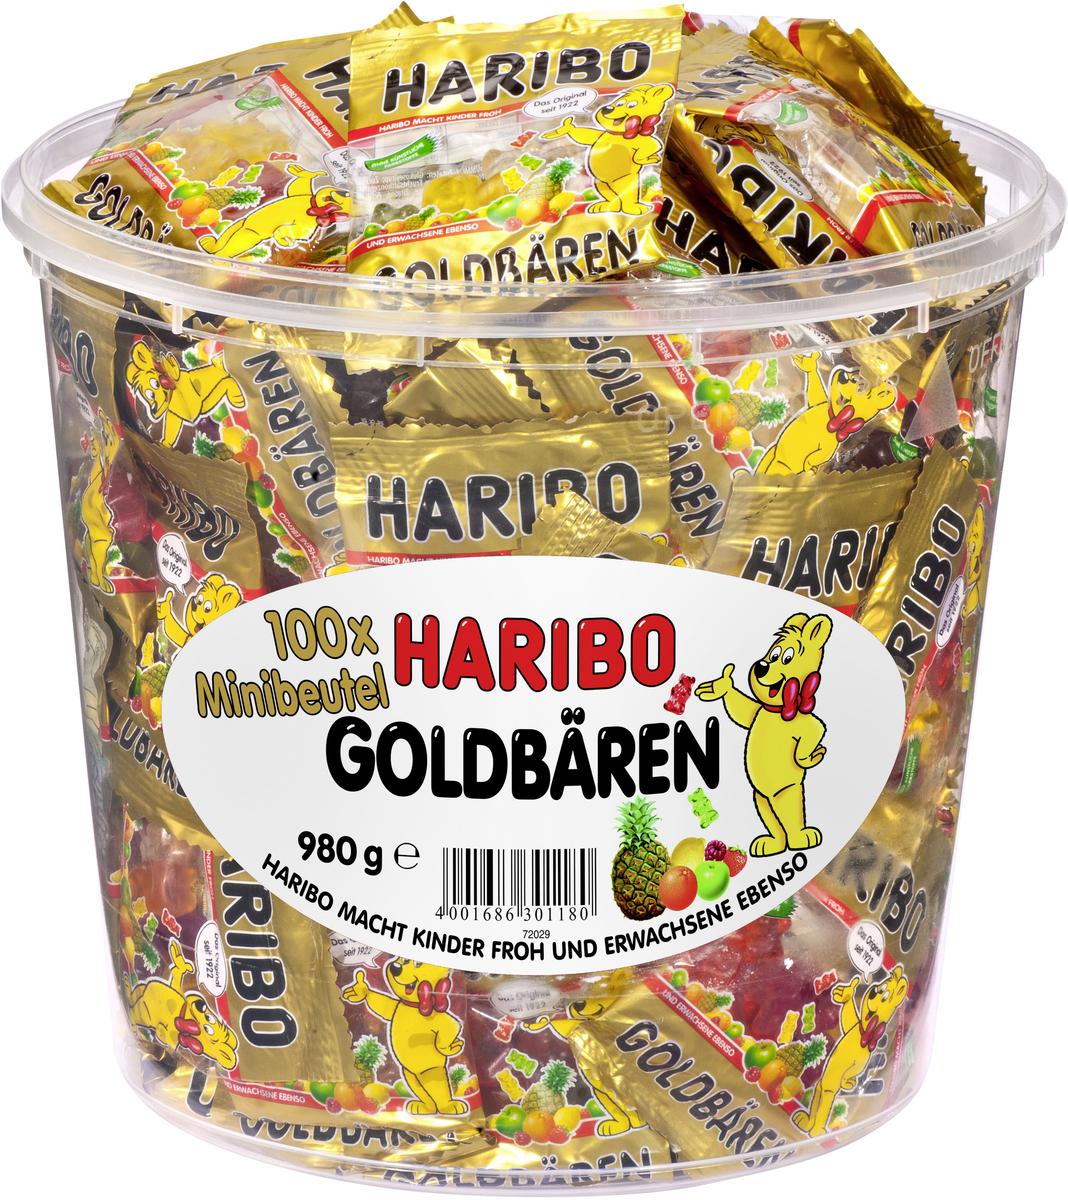 Bild 1 von Haribo Goldbären Mini Beutel in Runddose, 980g